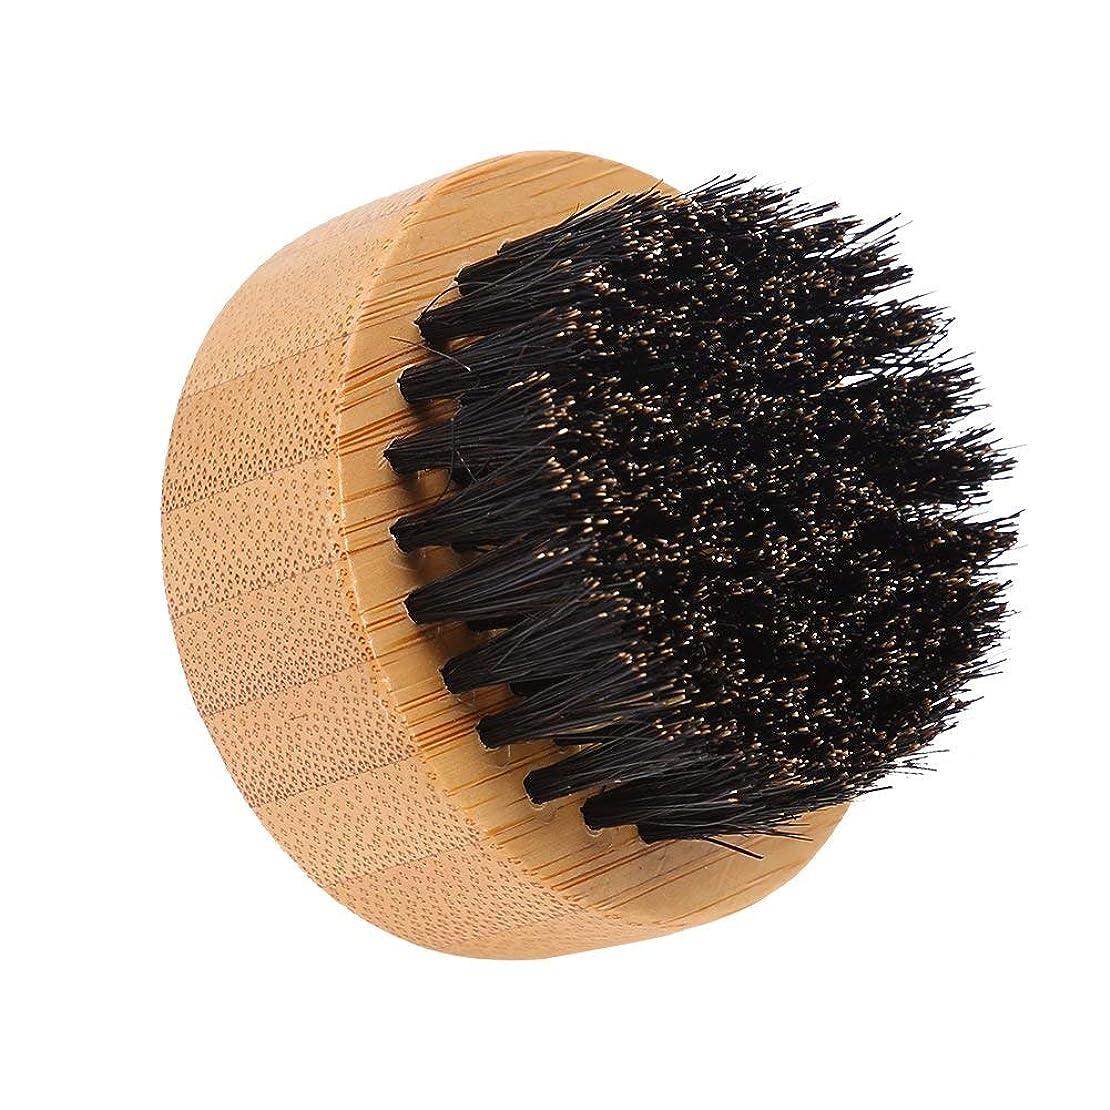 リサイクルするラッシュ沼地Yuyte男性口ひげスタイリング思いやりのあるイノシシ髪髭ブラシラウンドフェイシャルヘアコーム